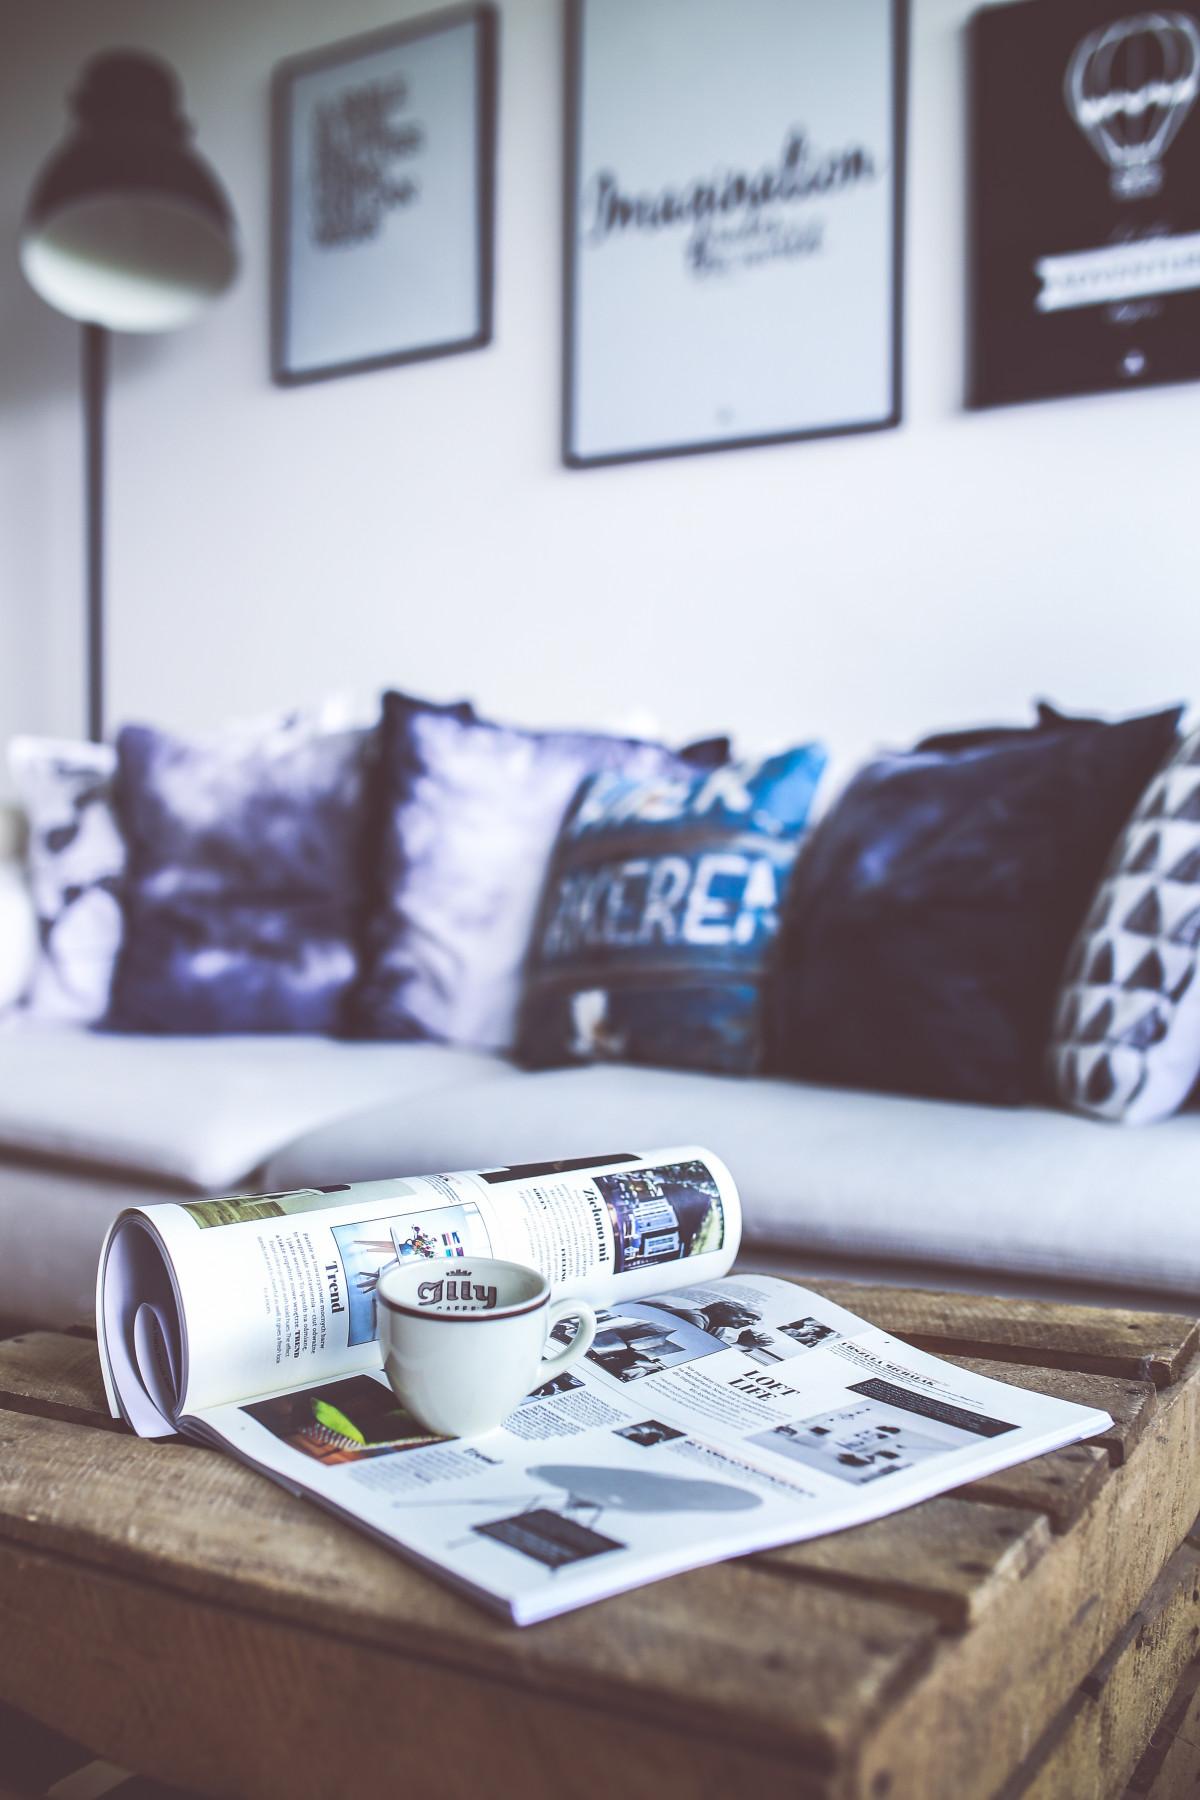 Gratis afbeeldingen tafel wit huis lezing tijdschrift blauw meubilair divan - Tijdschrift chic huis ...